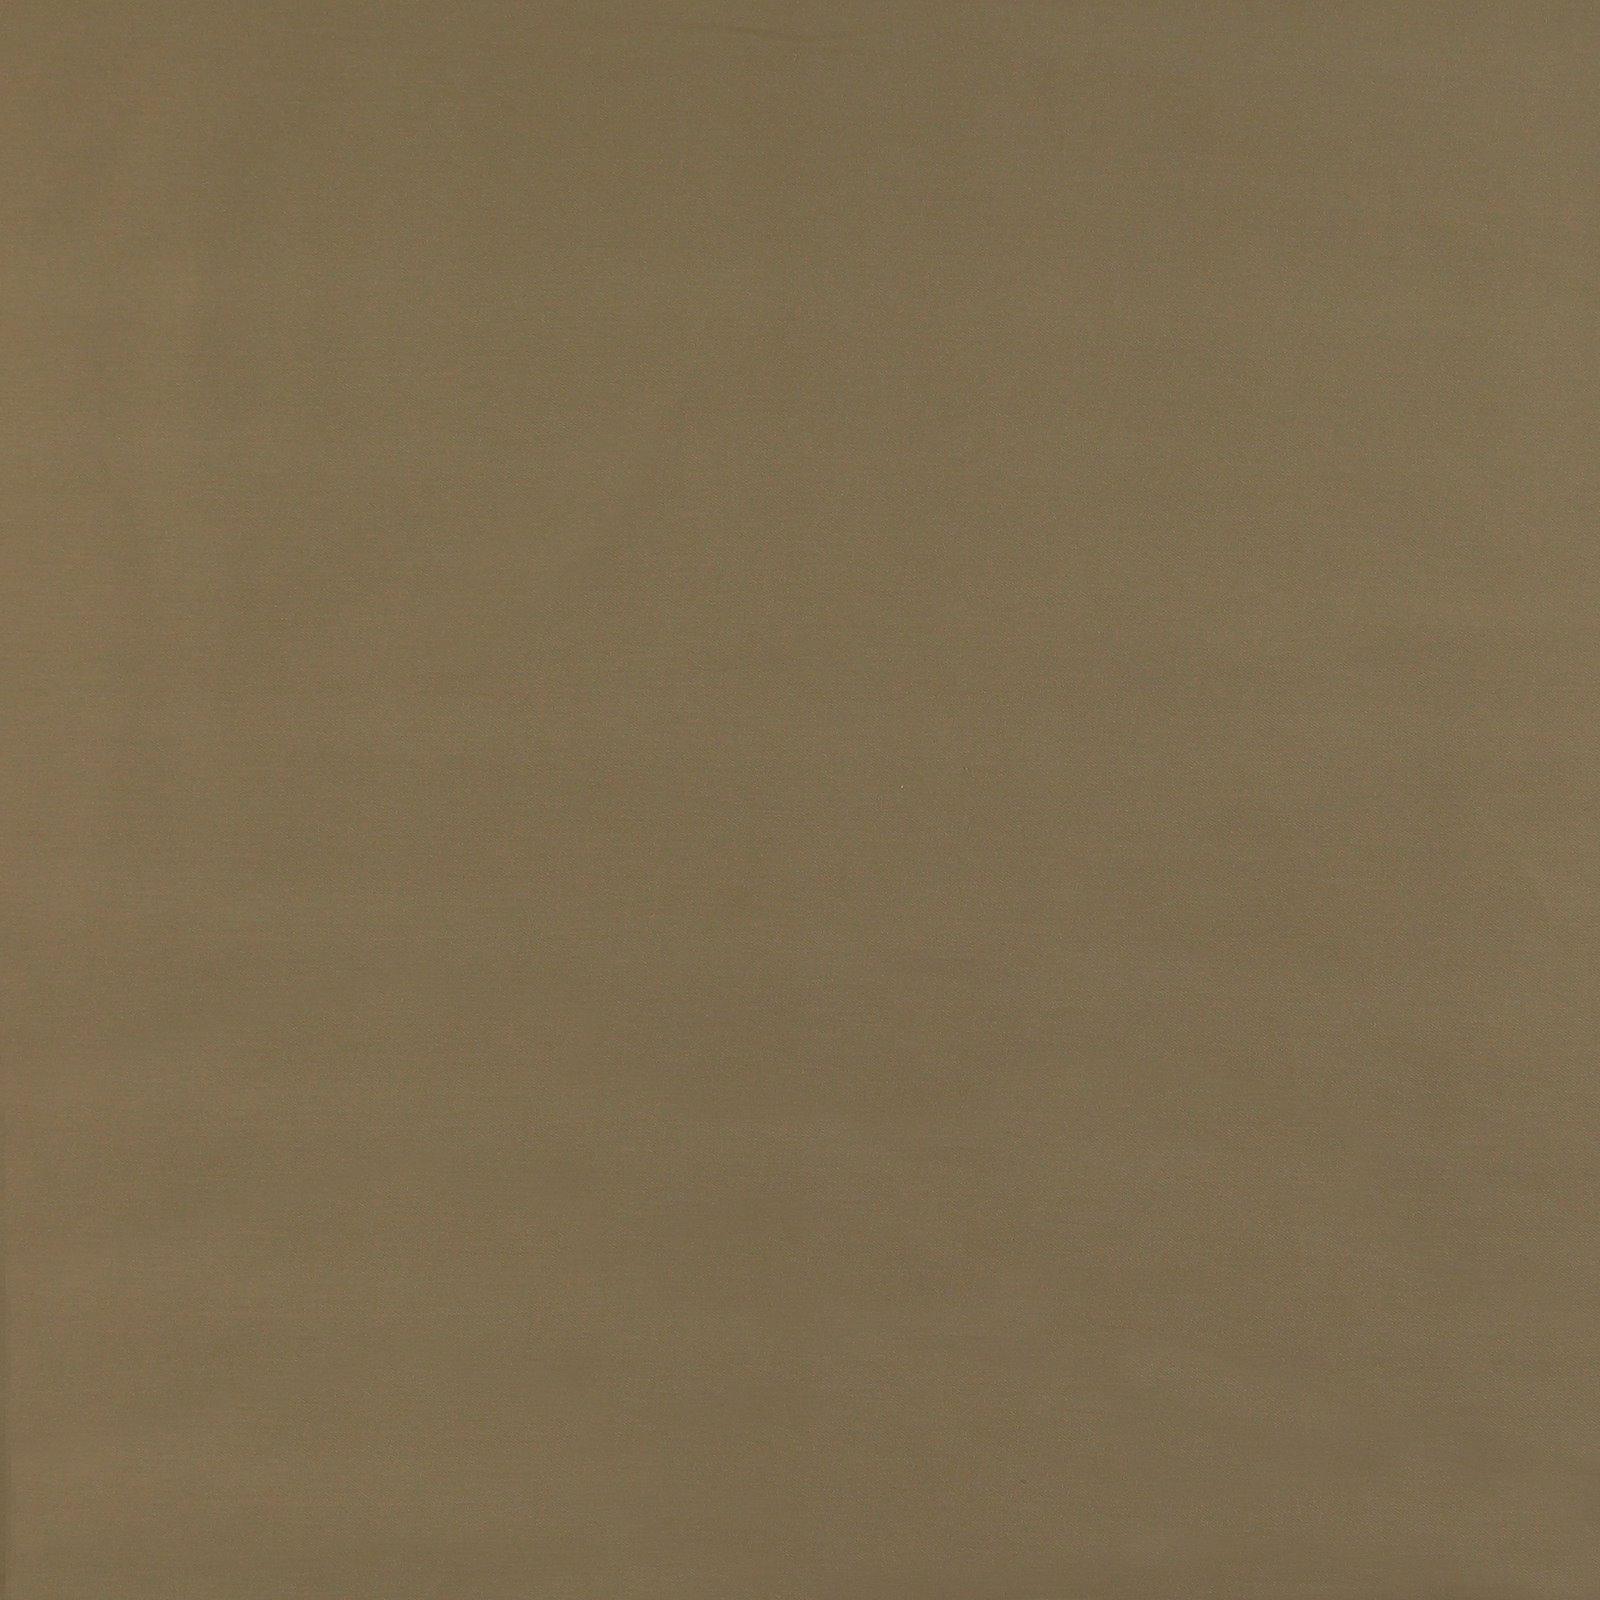 Heavy jersey twill dark beige 206143_pack_solid